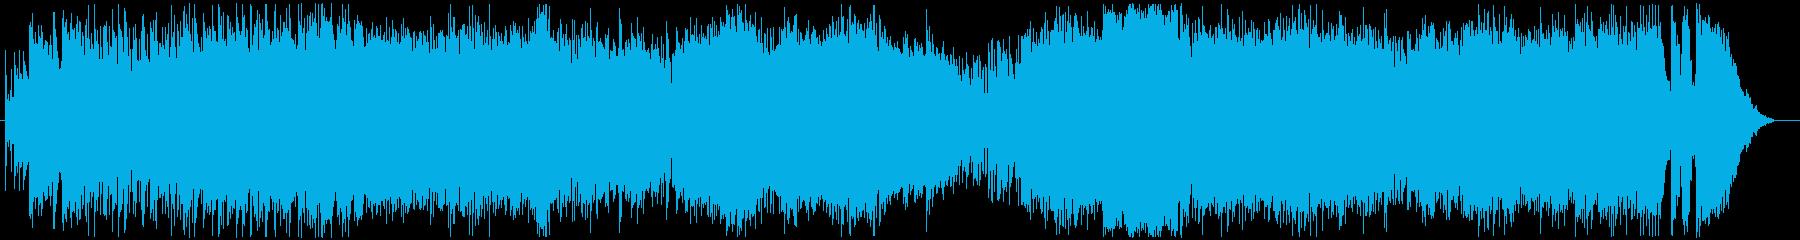 クウソウチュウカの再生済みの波形